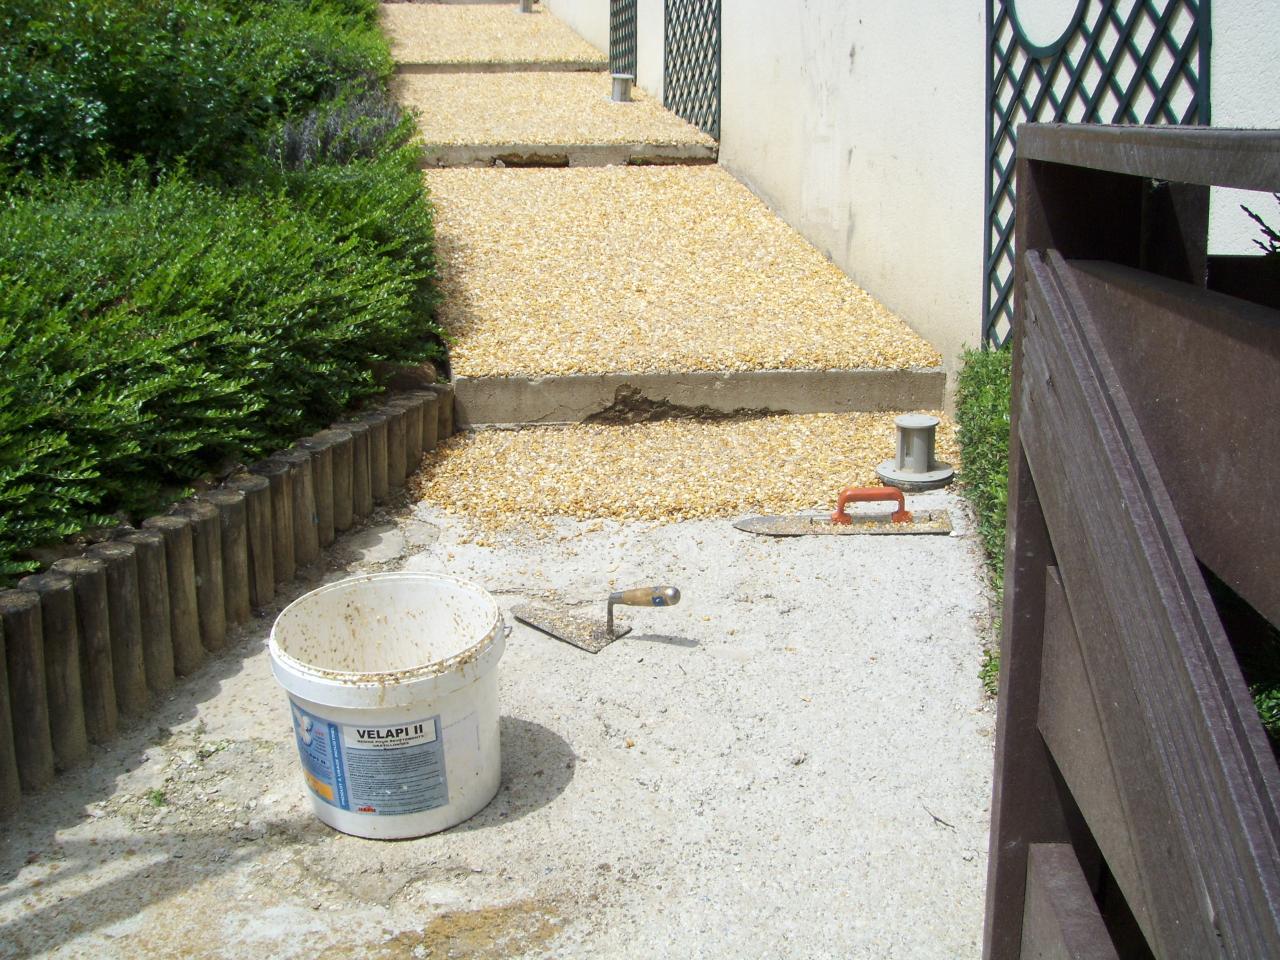 Comment Faire Une Terrasse En Resine Veranda Styledevie Fr